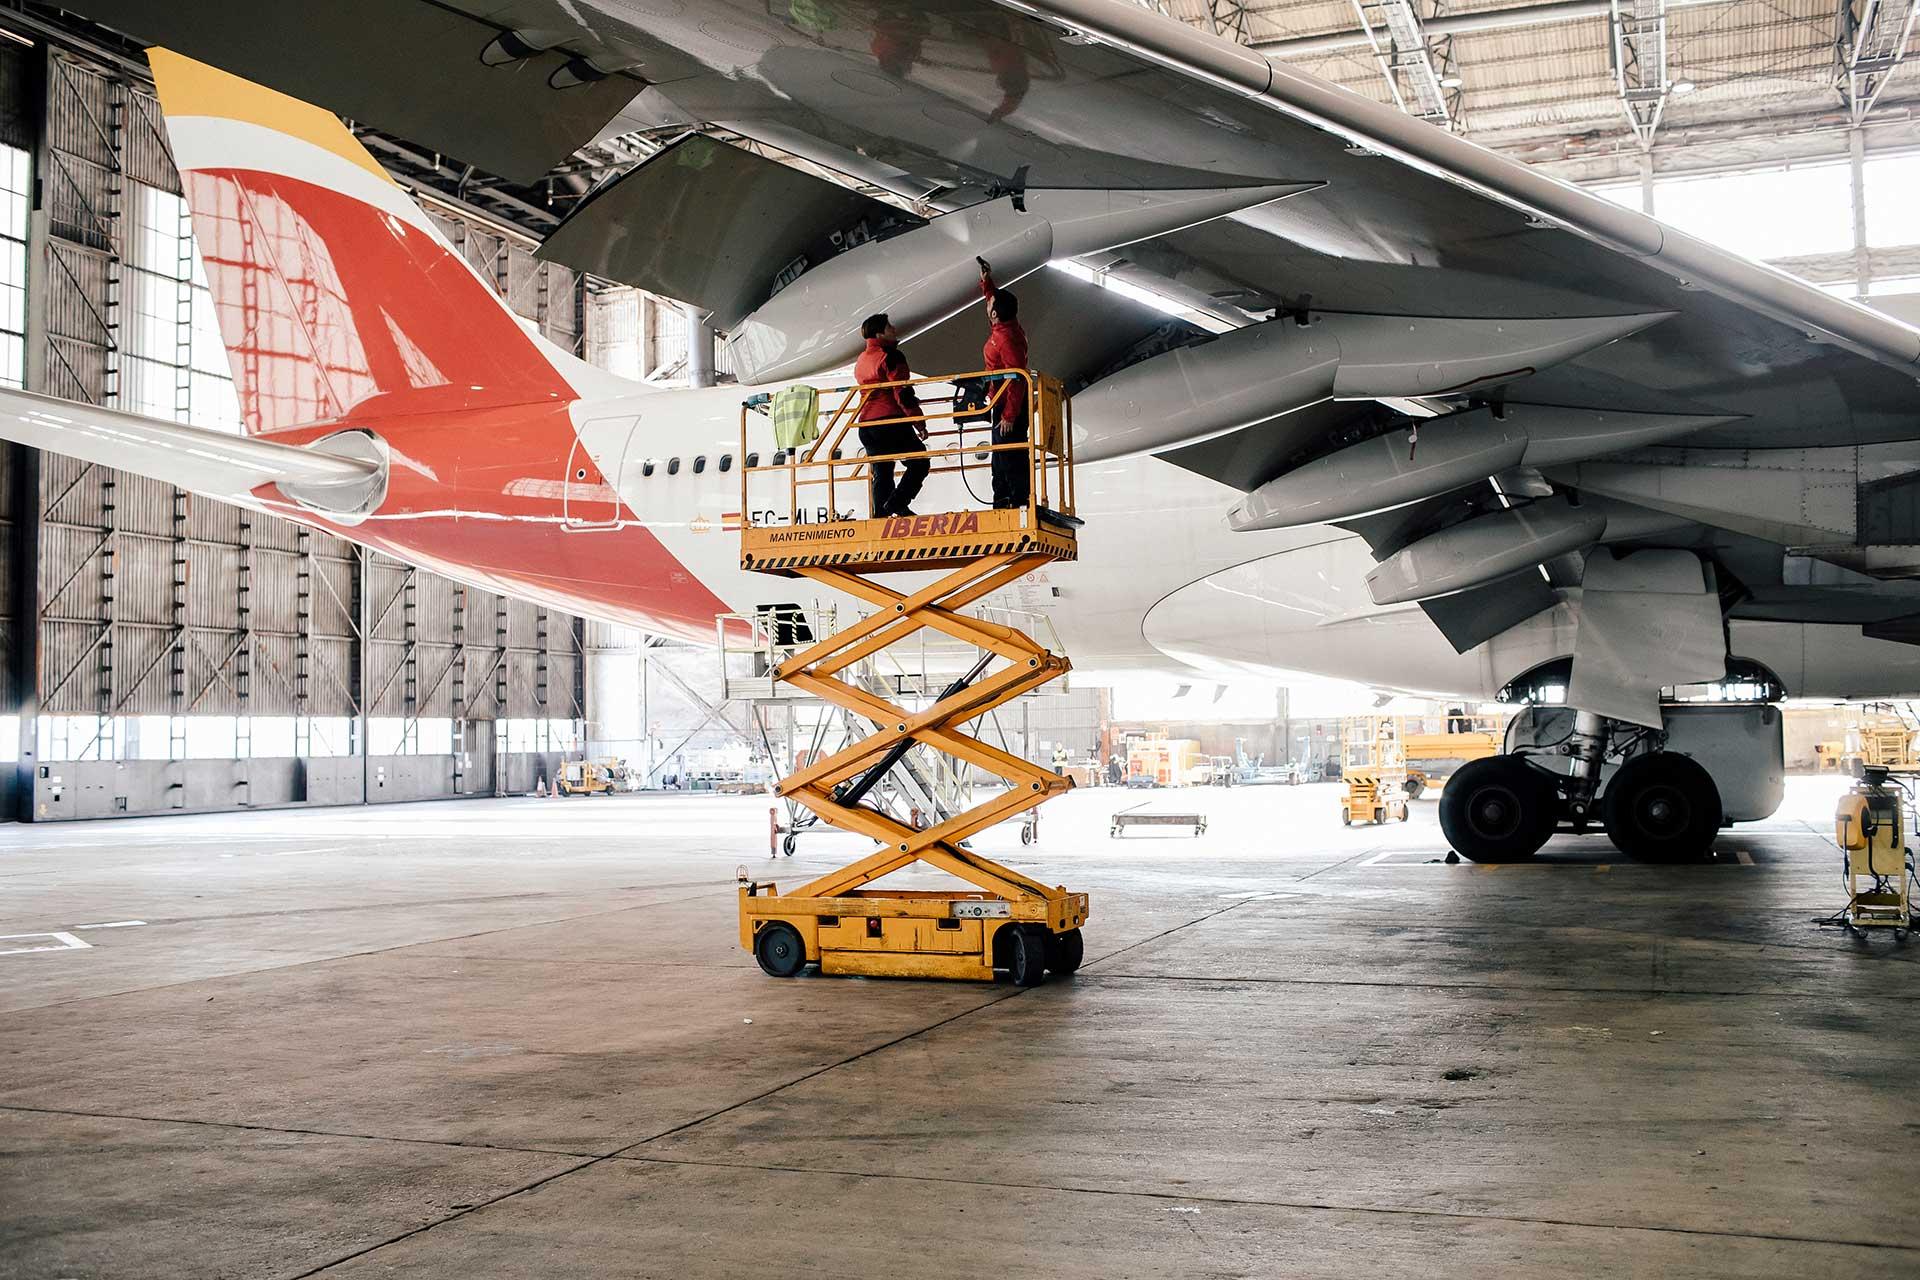 Flügel Flughafen Werbung Arbeitsbekleidung Industriefotograf Iberia New York